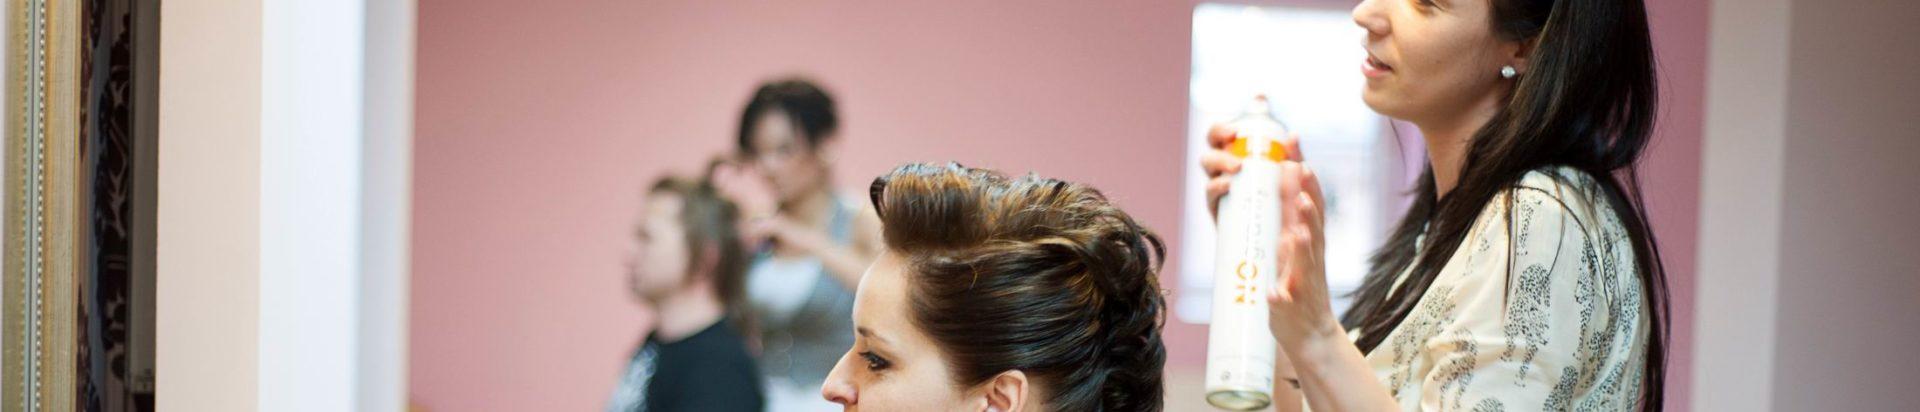 Usługi fryzjerskie Legnica